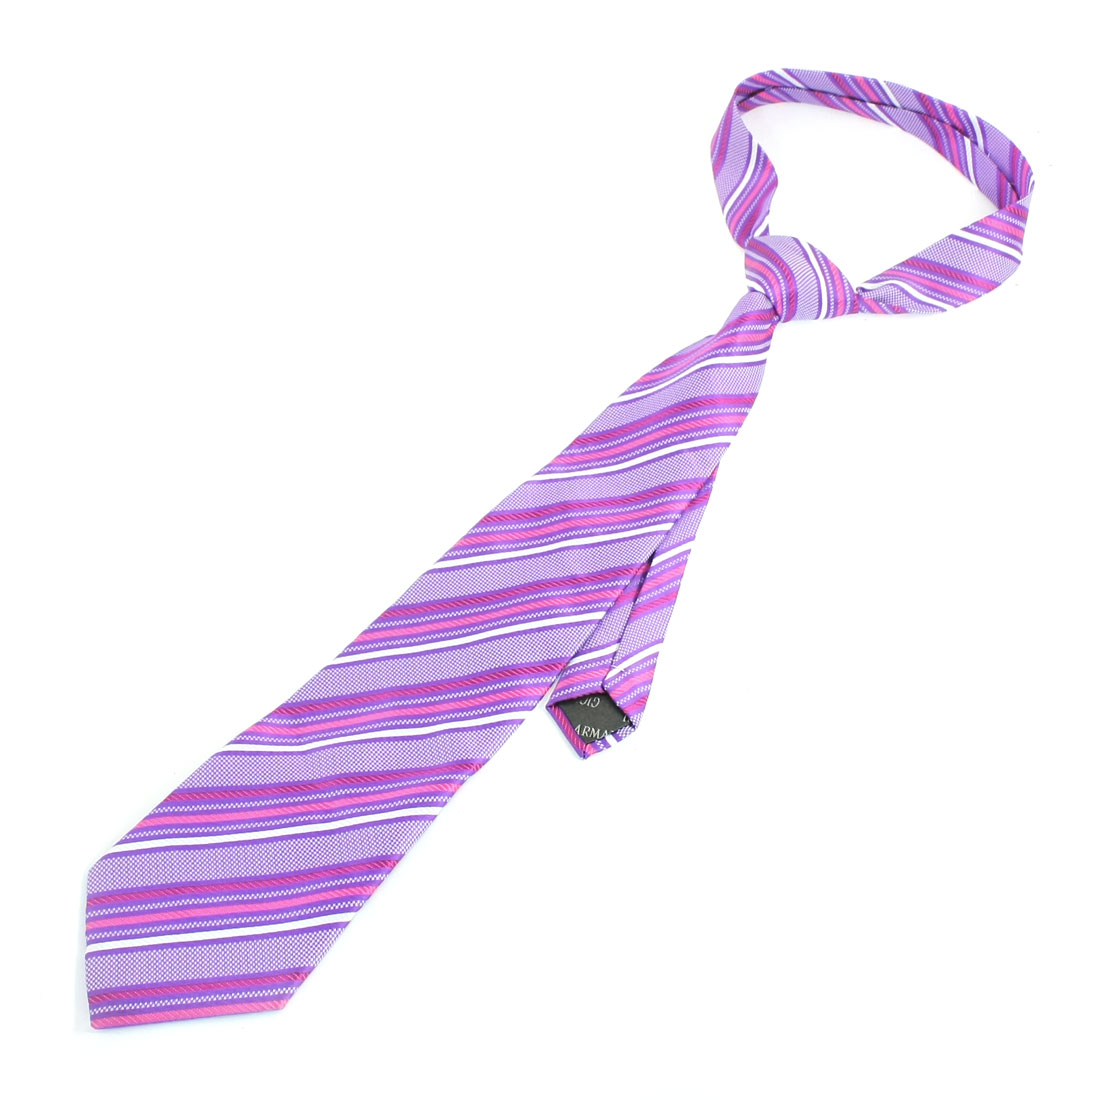 Diagonal Stripes Design Self Tie Neckwear Necktie Purple White Dark Pink